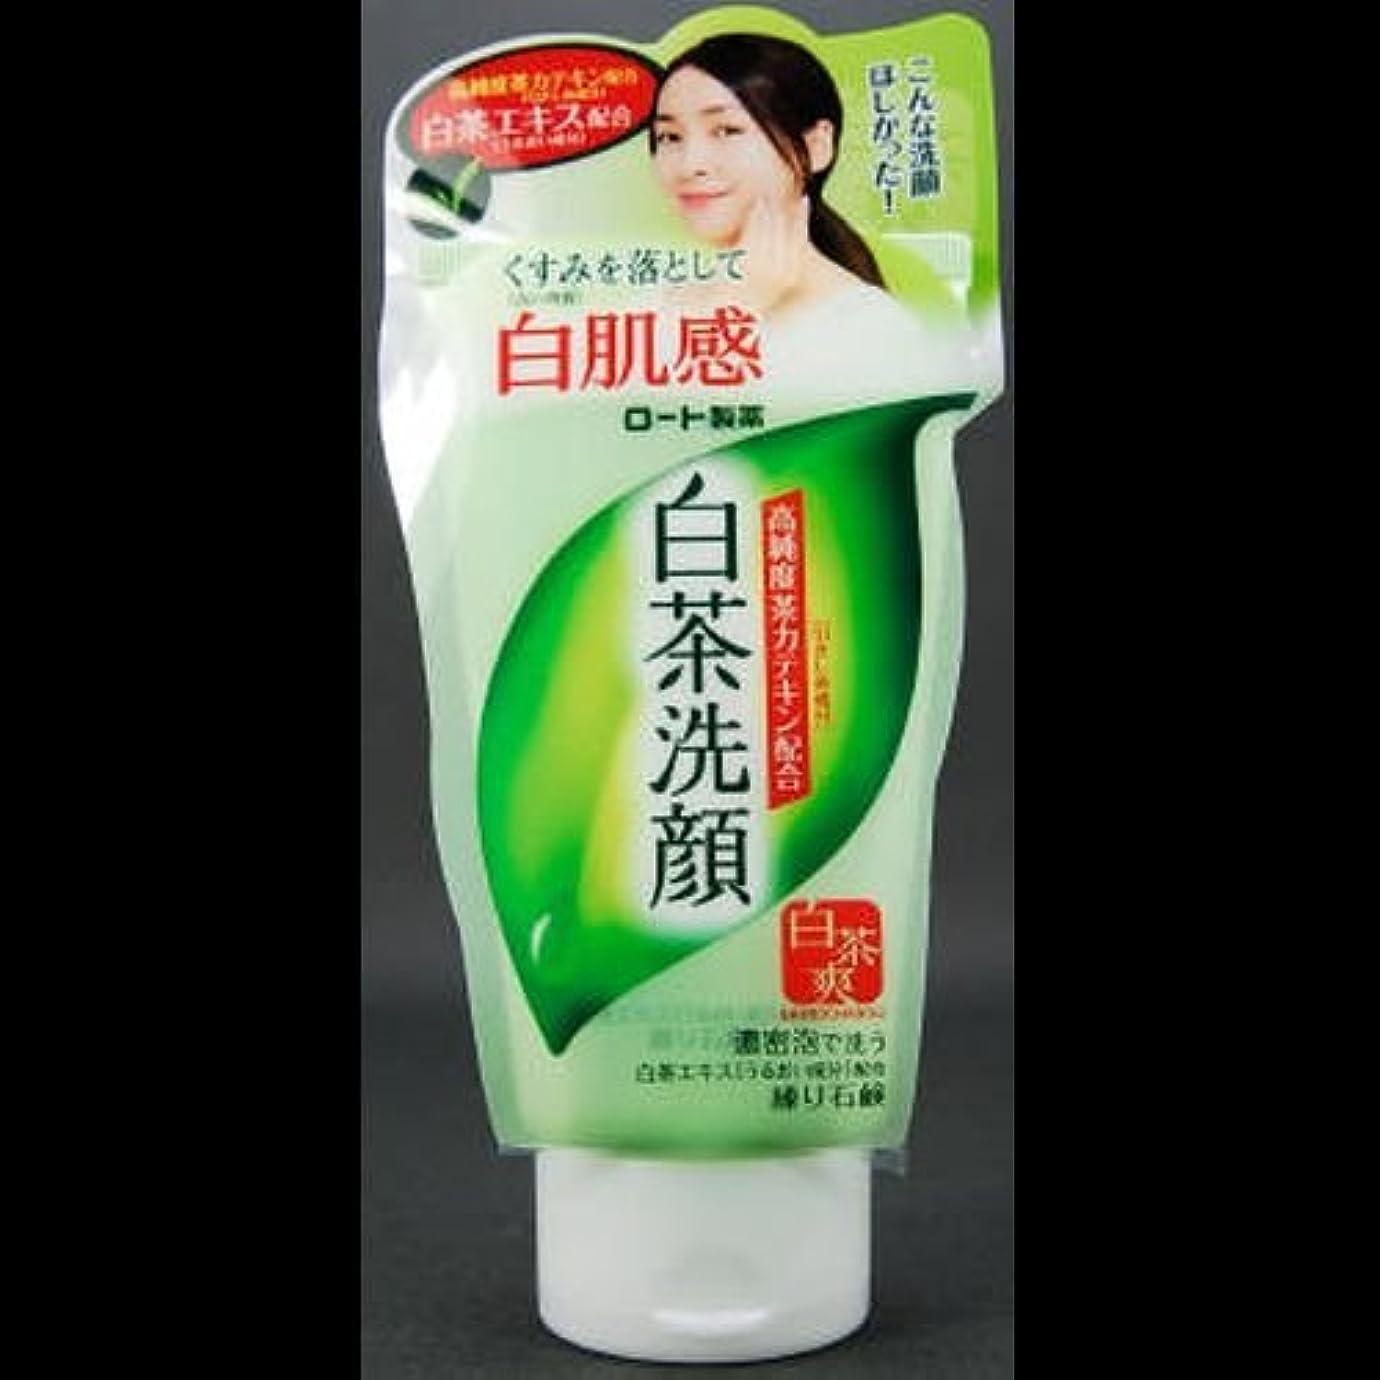 クスコ誇大妄想鉛【まとめ買い】白茶爽 白茶練り石鹸 ×2セット